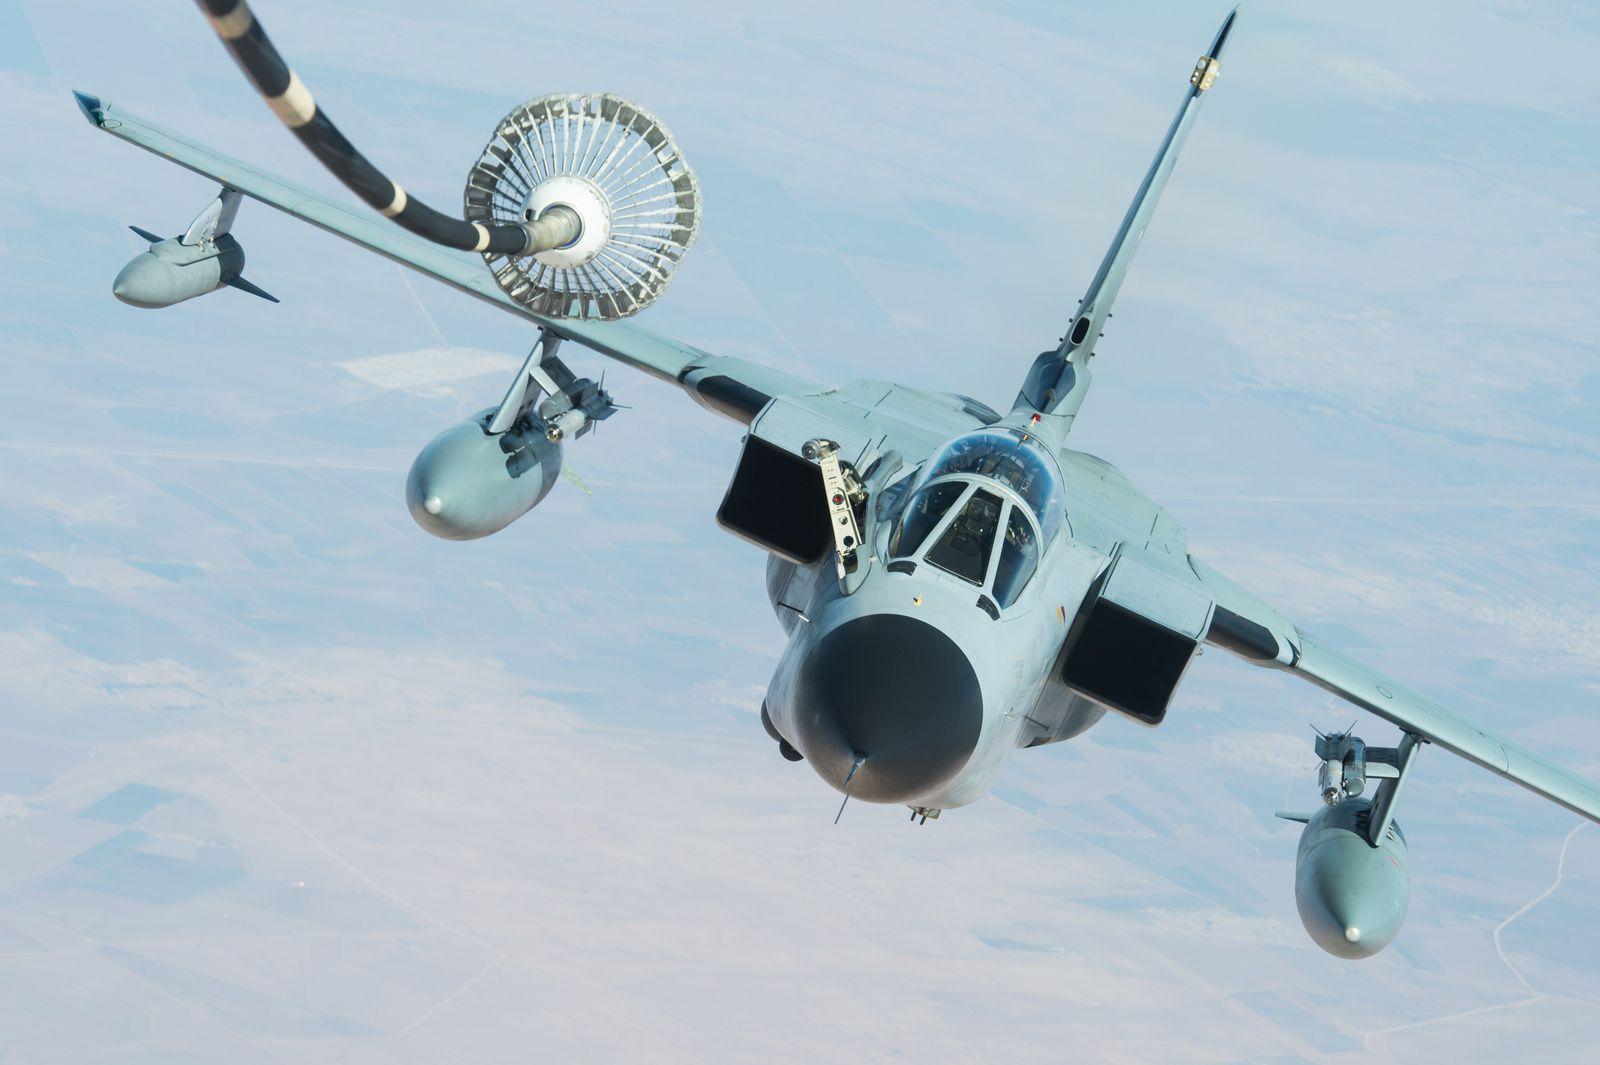 © USAF - Un Tornado ECR allemand, au ravitaillement lors d'une mission au-dessus de l'Irak.